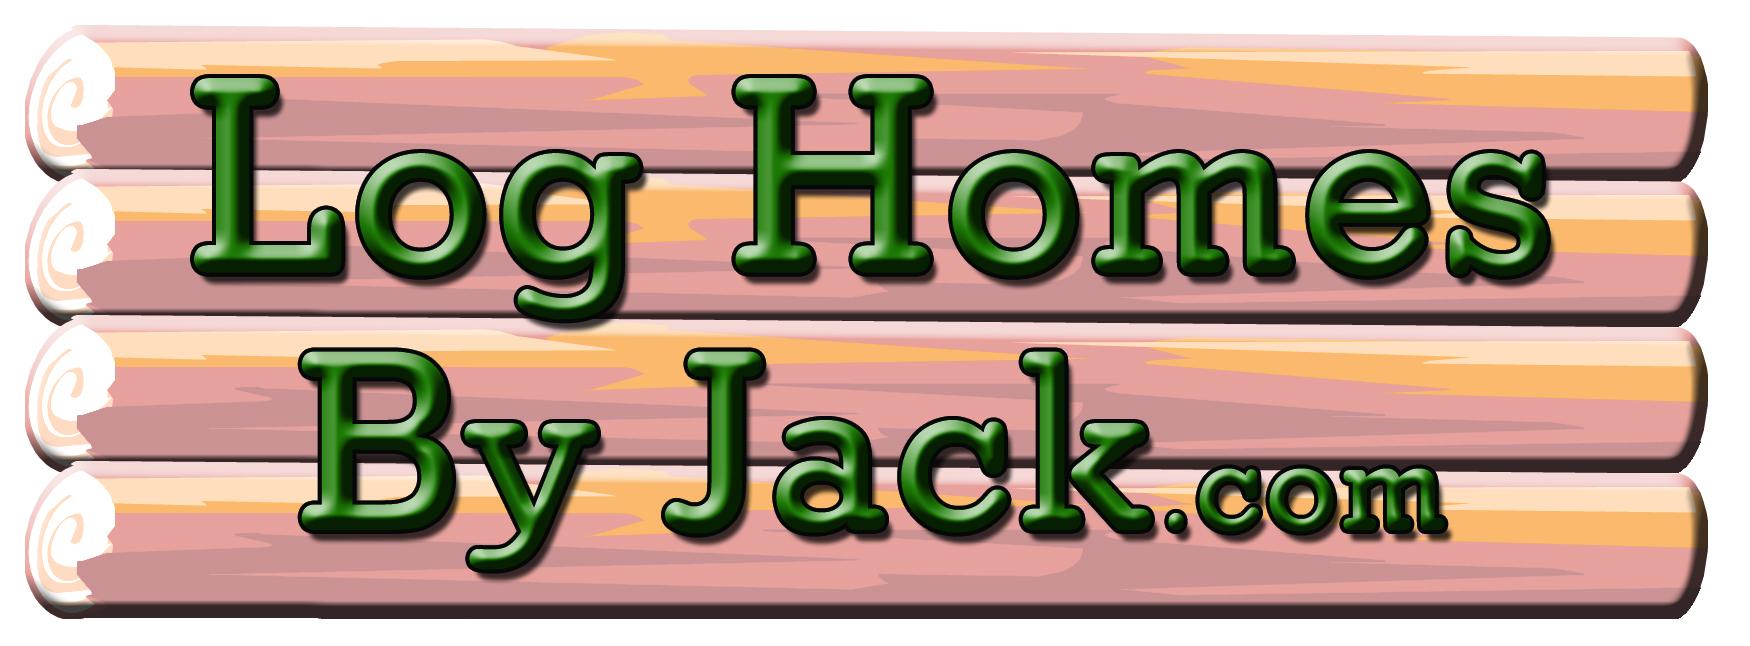 LogHomesByJack.com & STCepanelHomes